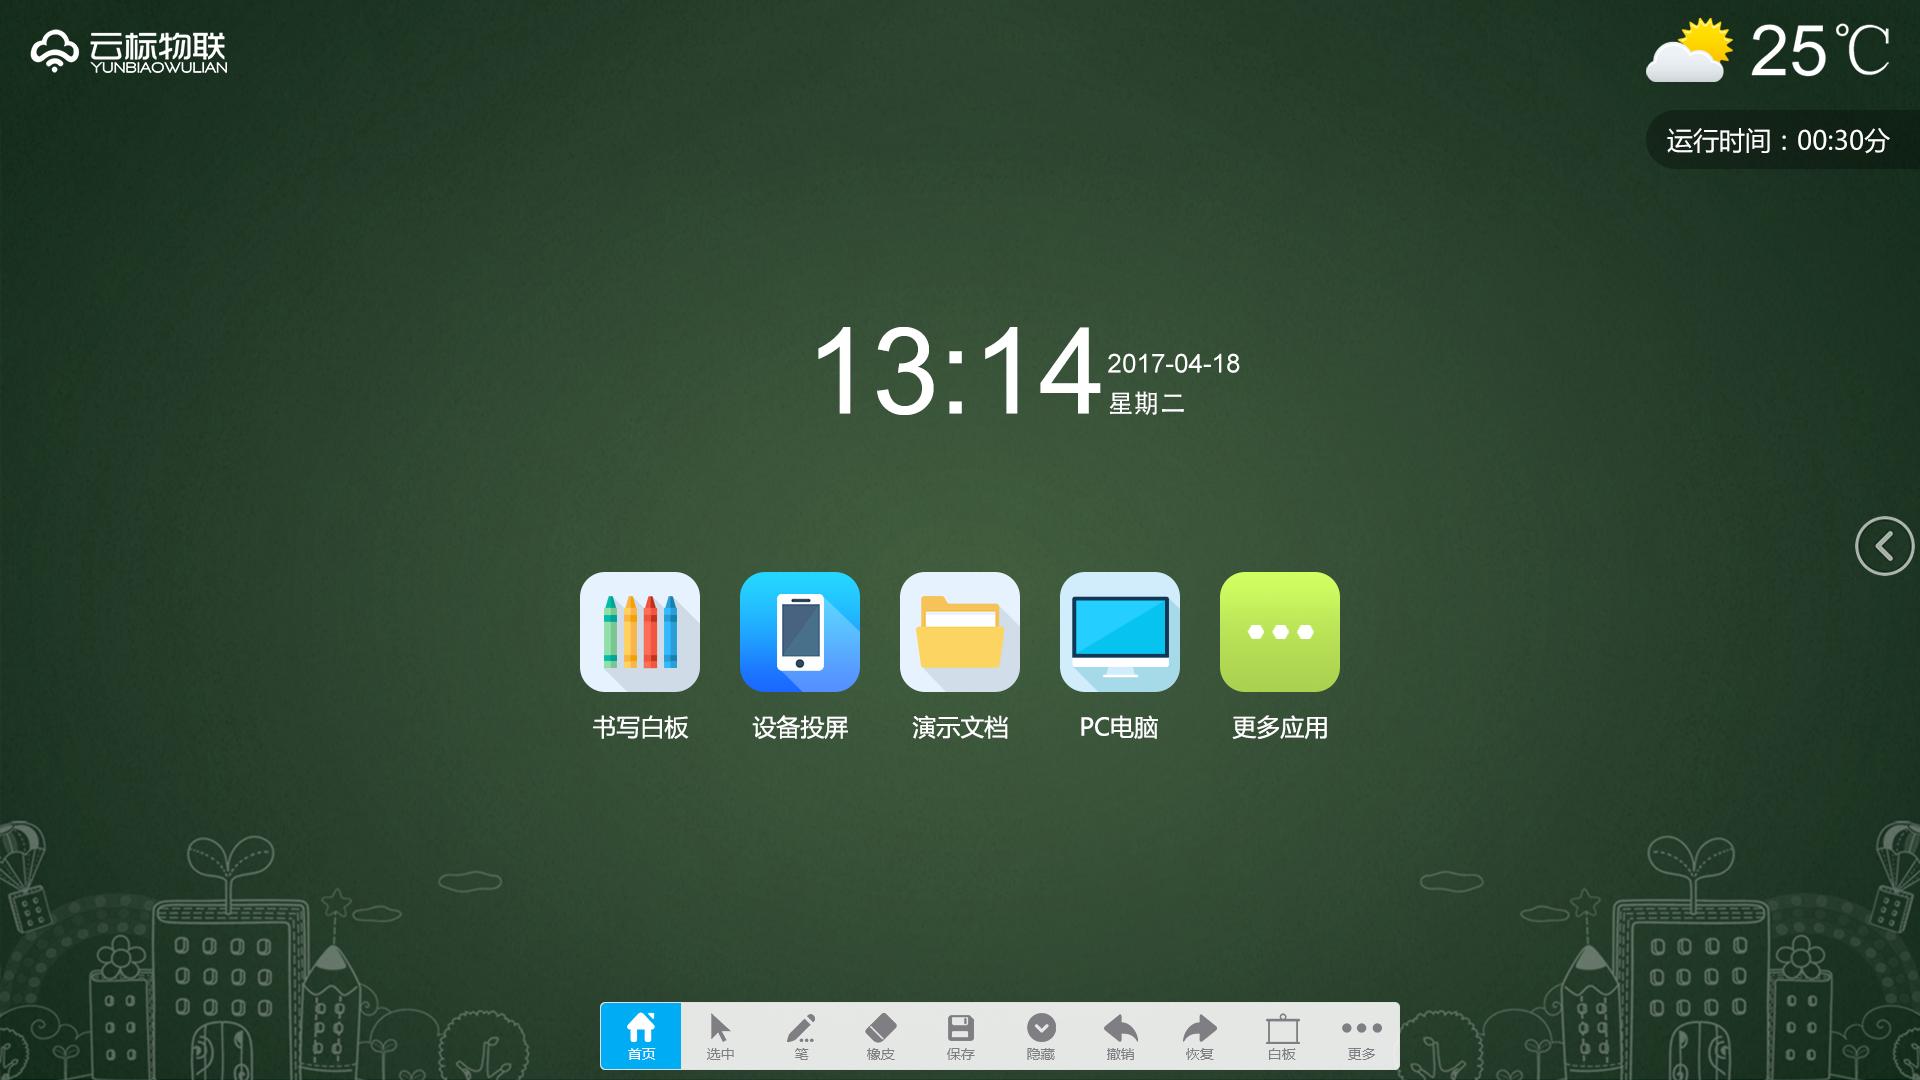 宝贝电子白板视频UI|界面教学|UI|半糖软件-原9灯软件图片